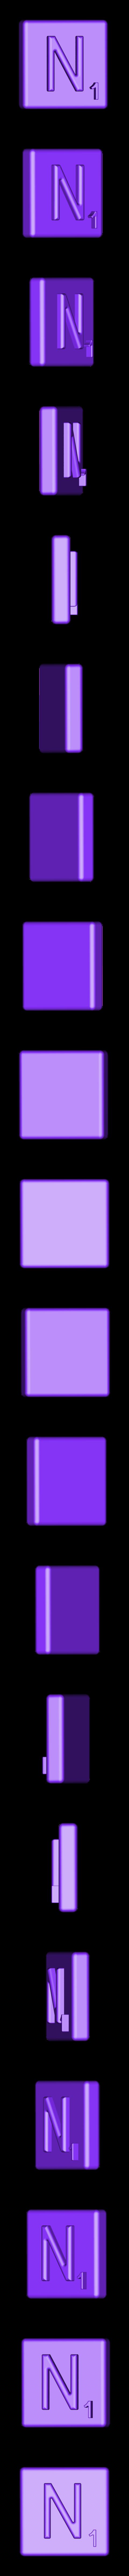 Single_Extruded_N.STL Télécharger fichier STL gratuit Pièces et support SCRABBBLE • Design pour imprimante 3D, Balkhagal4D